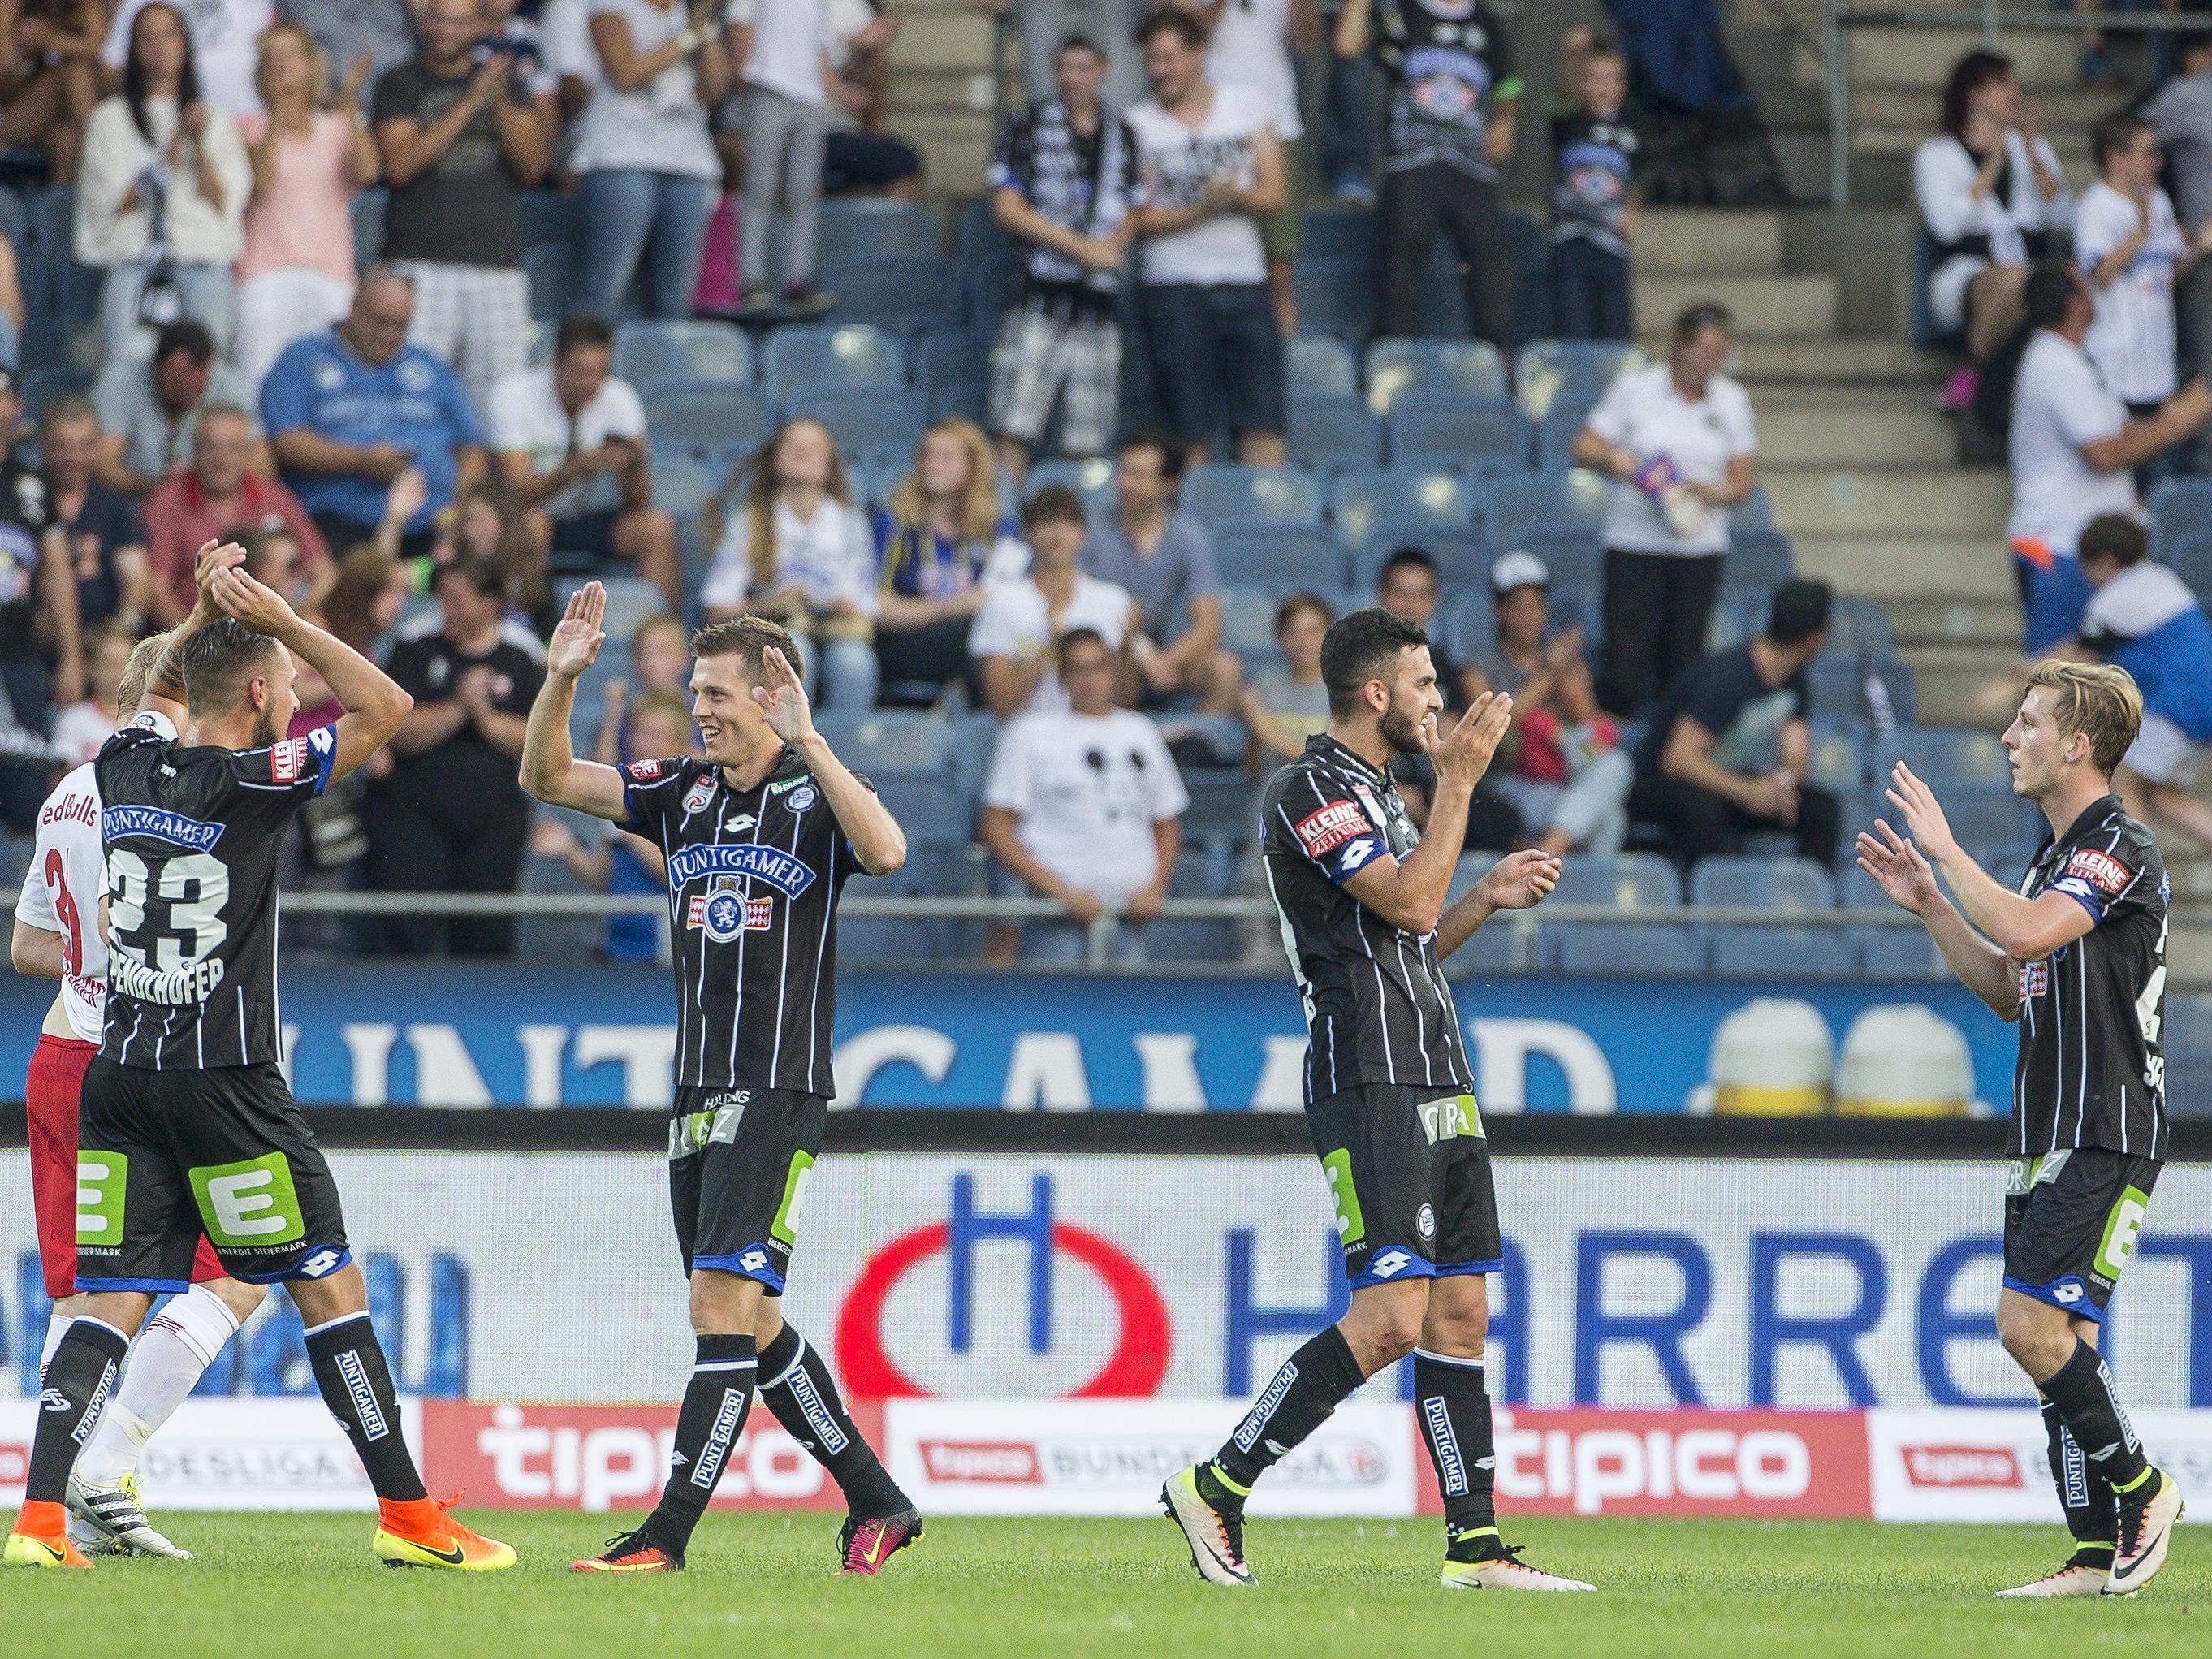 LIVE-Ticker zum Spiel SV Ried gegen SK Sturm Graz ab 18.30 Uhr.